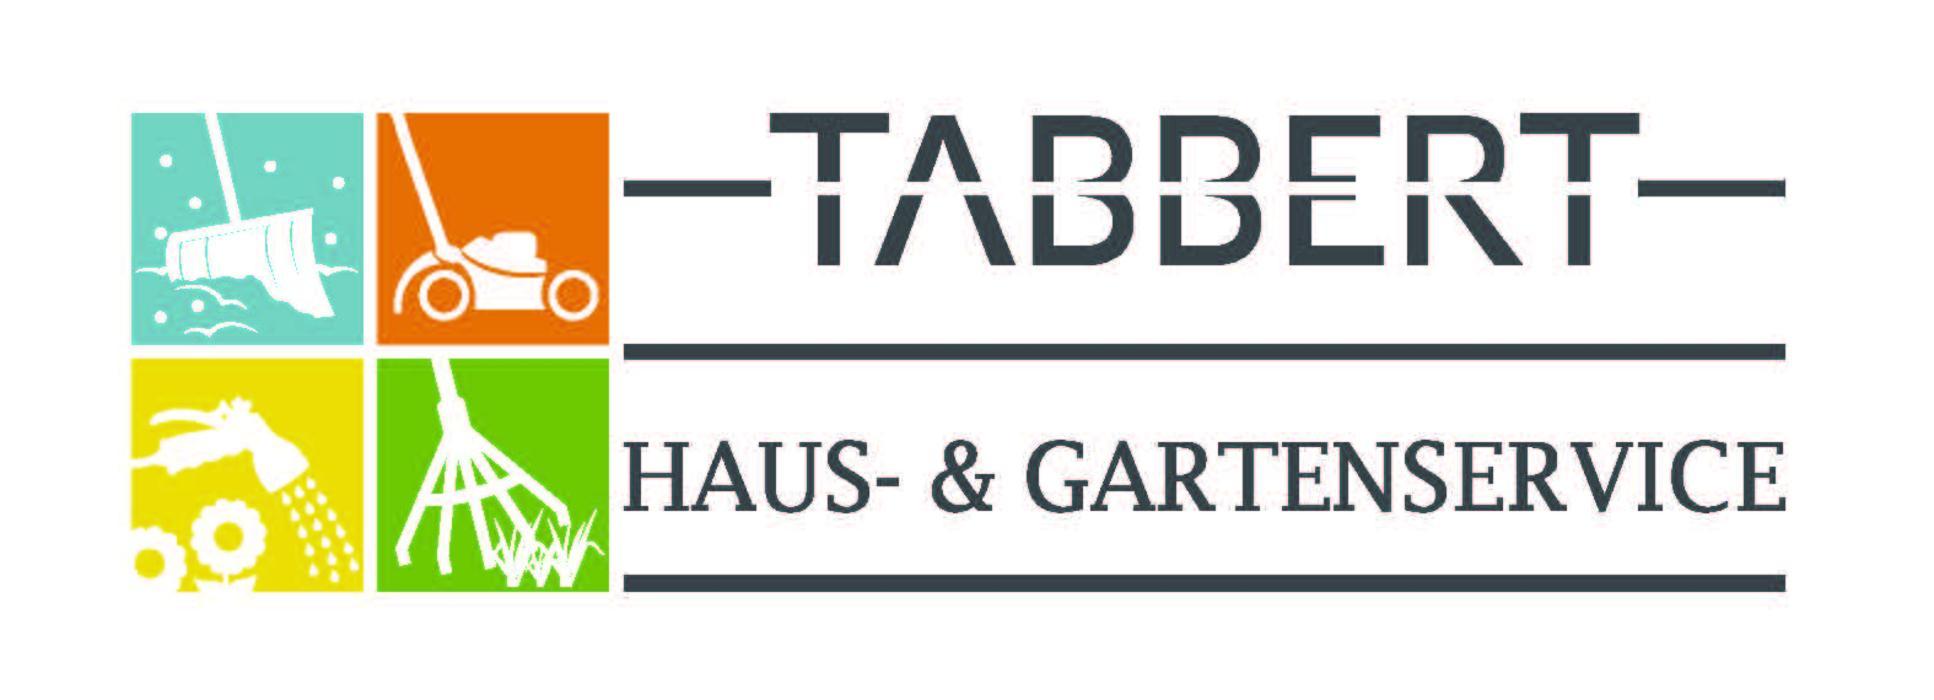 Bild zu T a b b e r t - Haus & Gartenservice in Wolfenbüttel